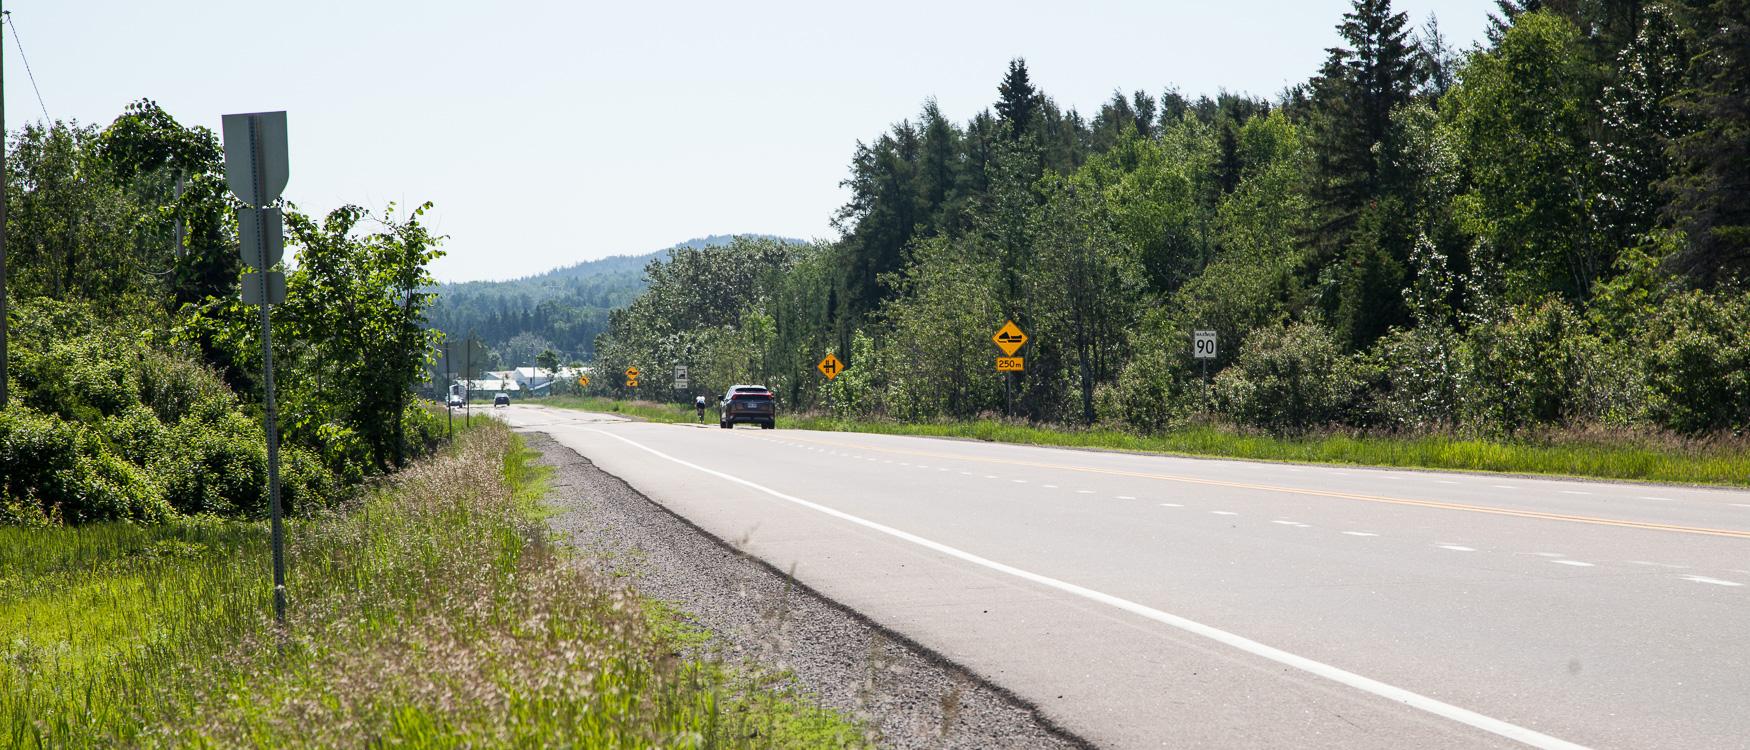 quebec-roadtrip-kanada-highway